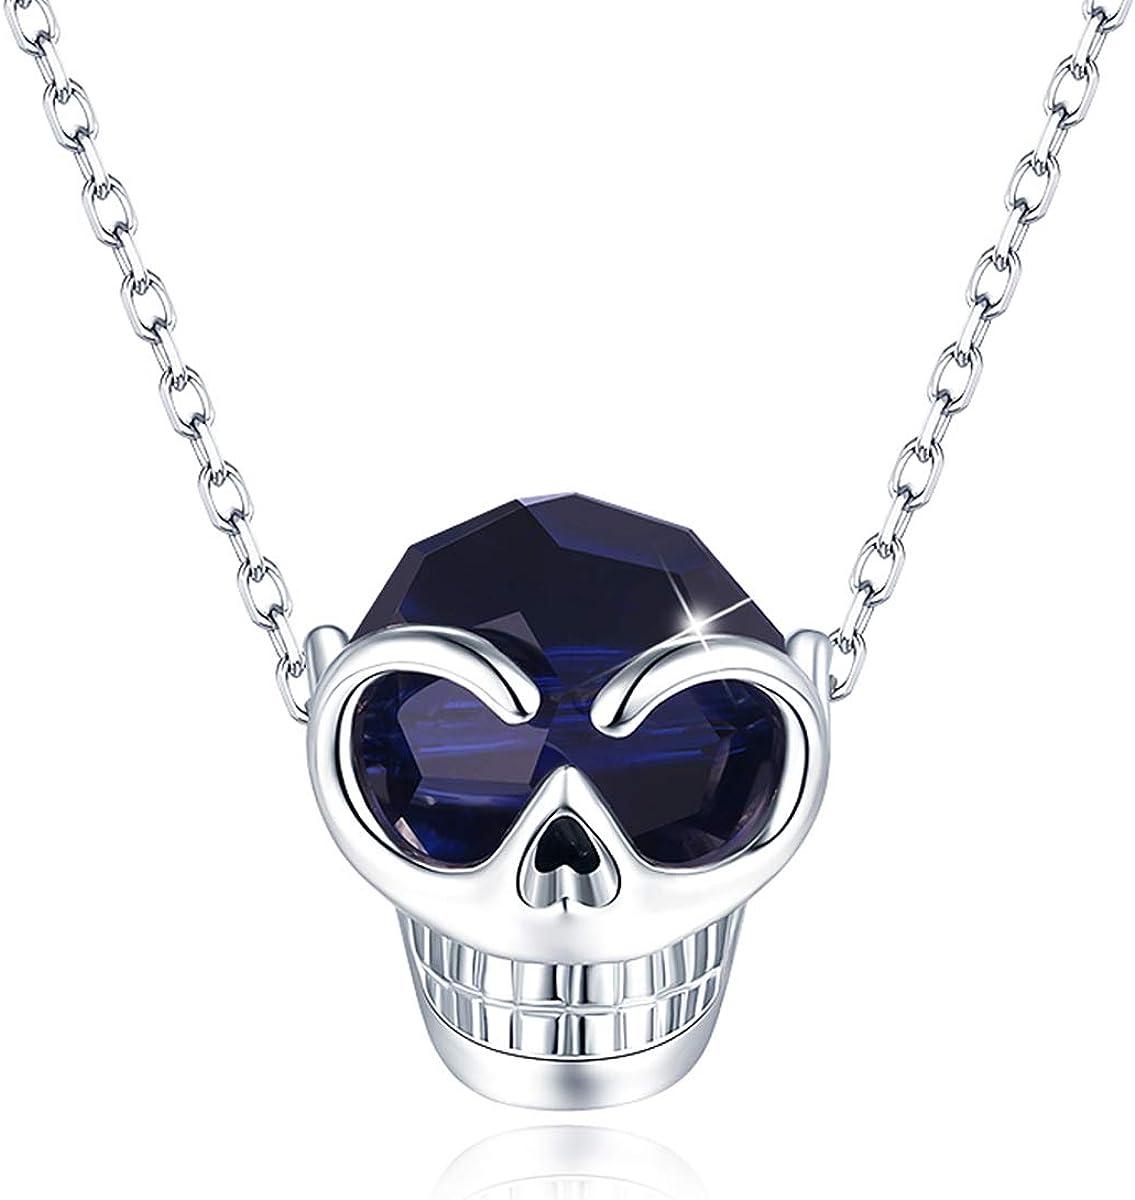 CRYSLOVE Collar de Cristales de Calavera para Mujer, Collar con Colgante de Cabeza de Cráneo Hipoalergénicos de Plata de Ley 925 para Cumpleaños, Día de San Valentín,Aniversario, Navidad